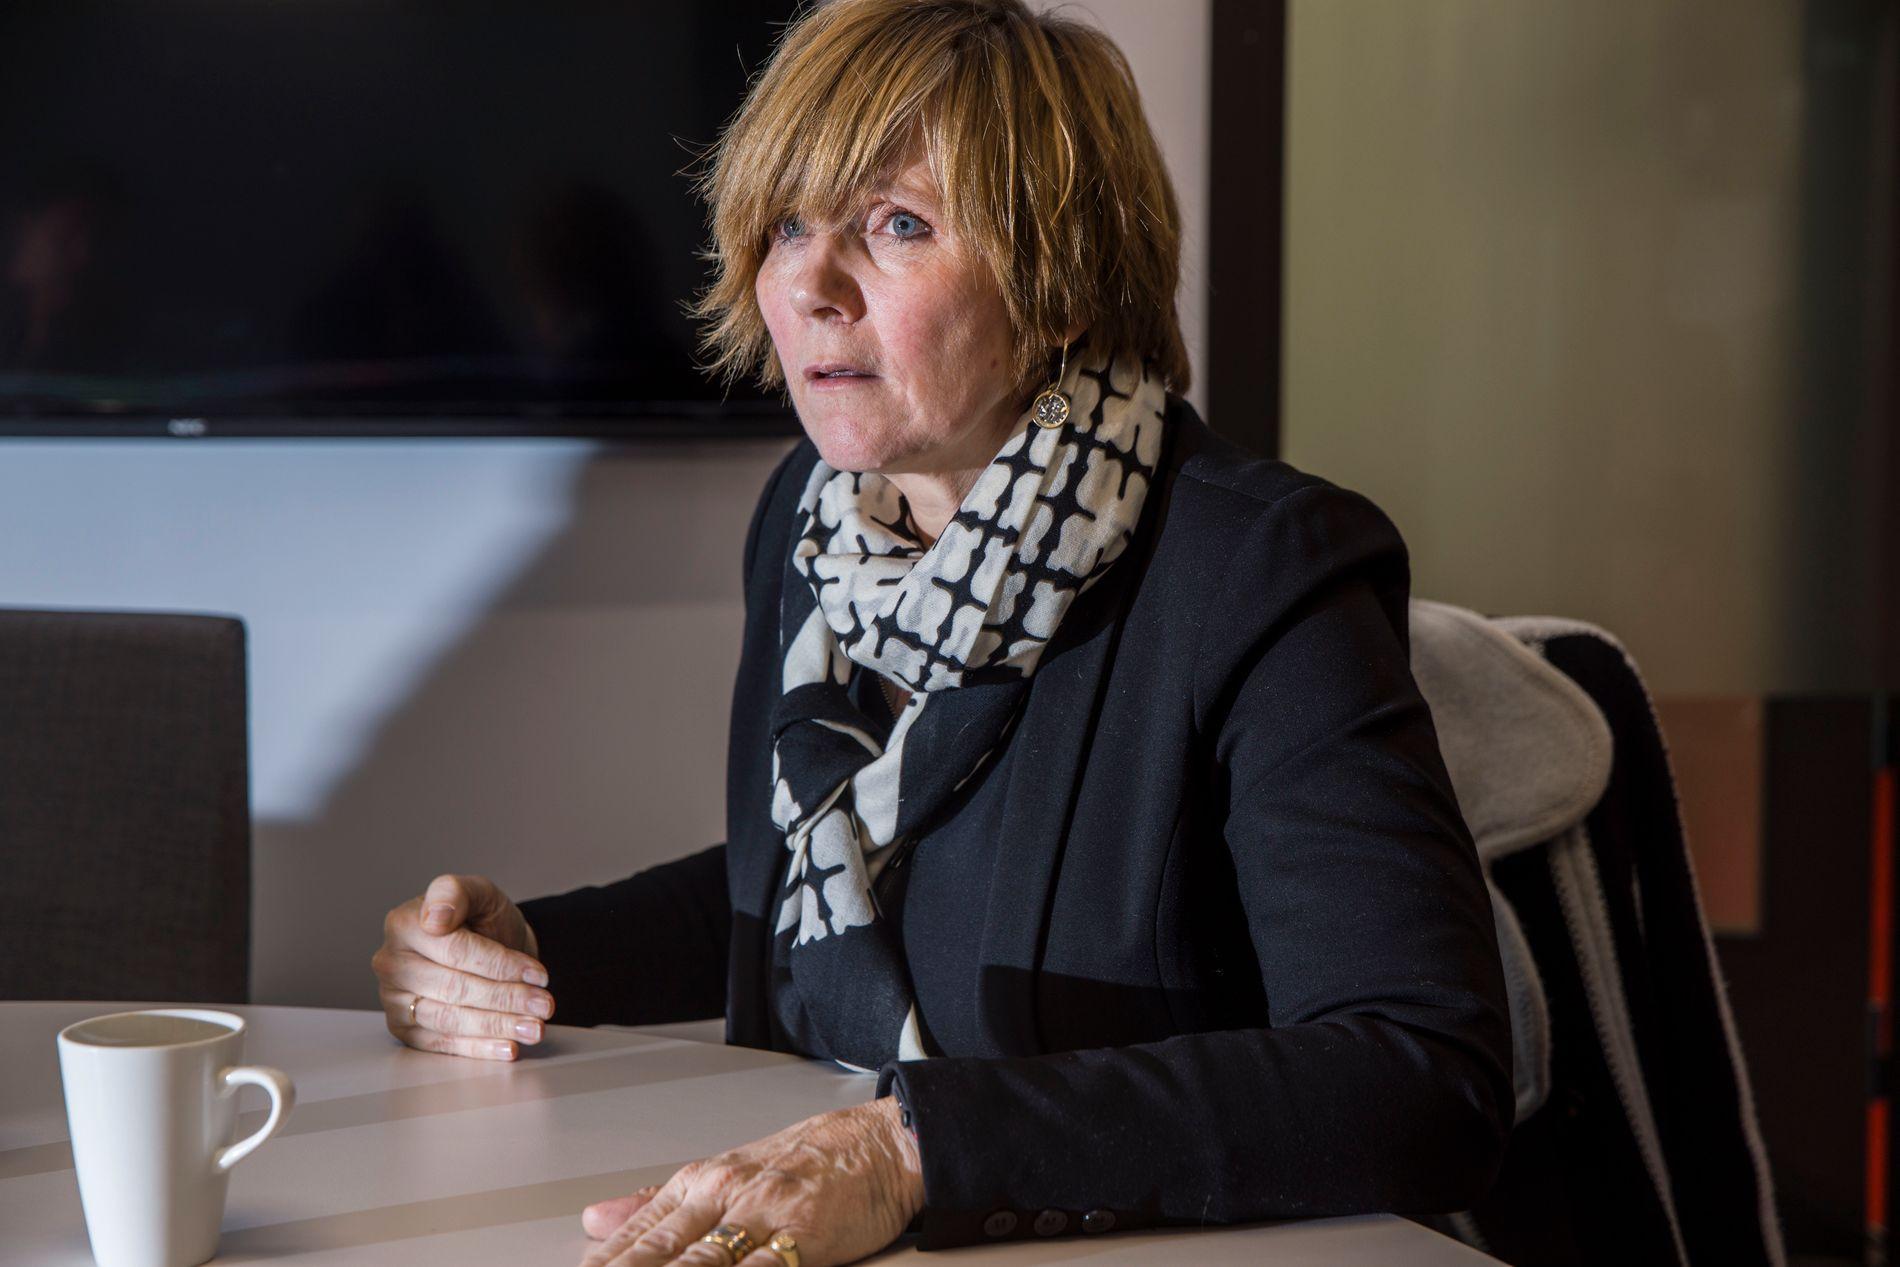 FLYTTE: Tidligere sjef for SSB, Christine Meyer, sier at LO ba henne flytte forskere i byrået.